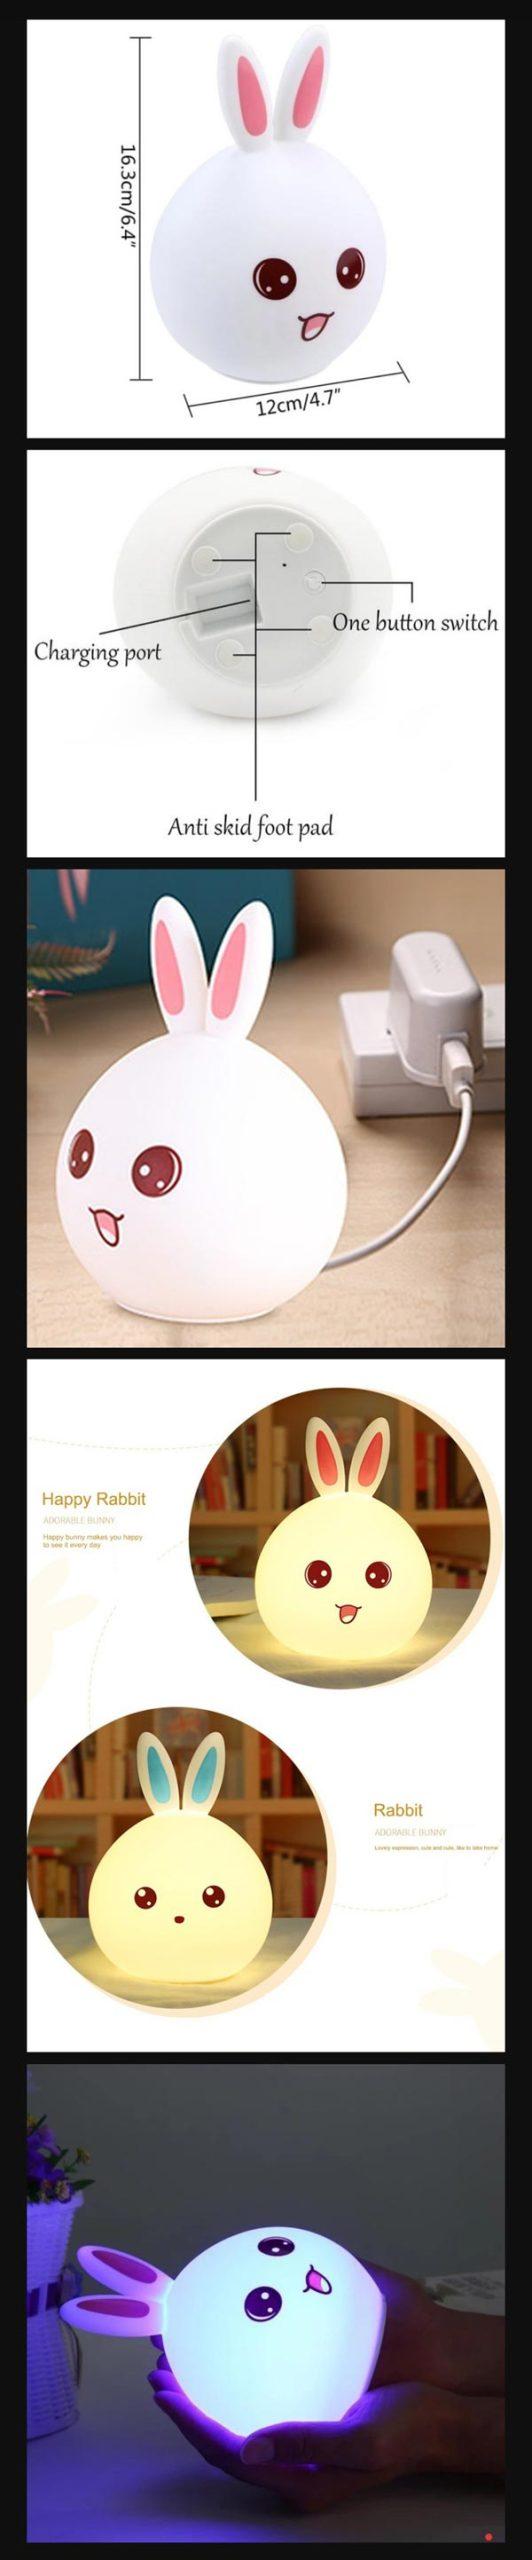 Rabbit Night Lamp